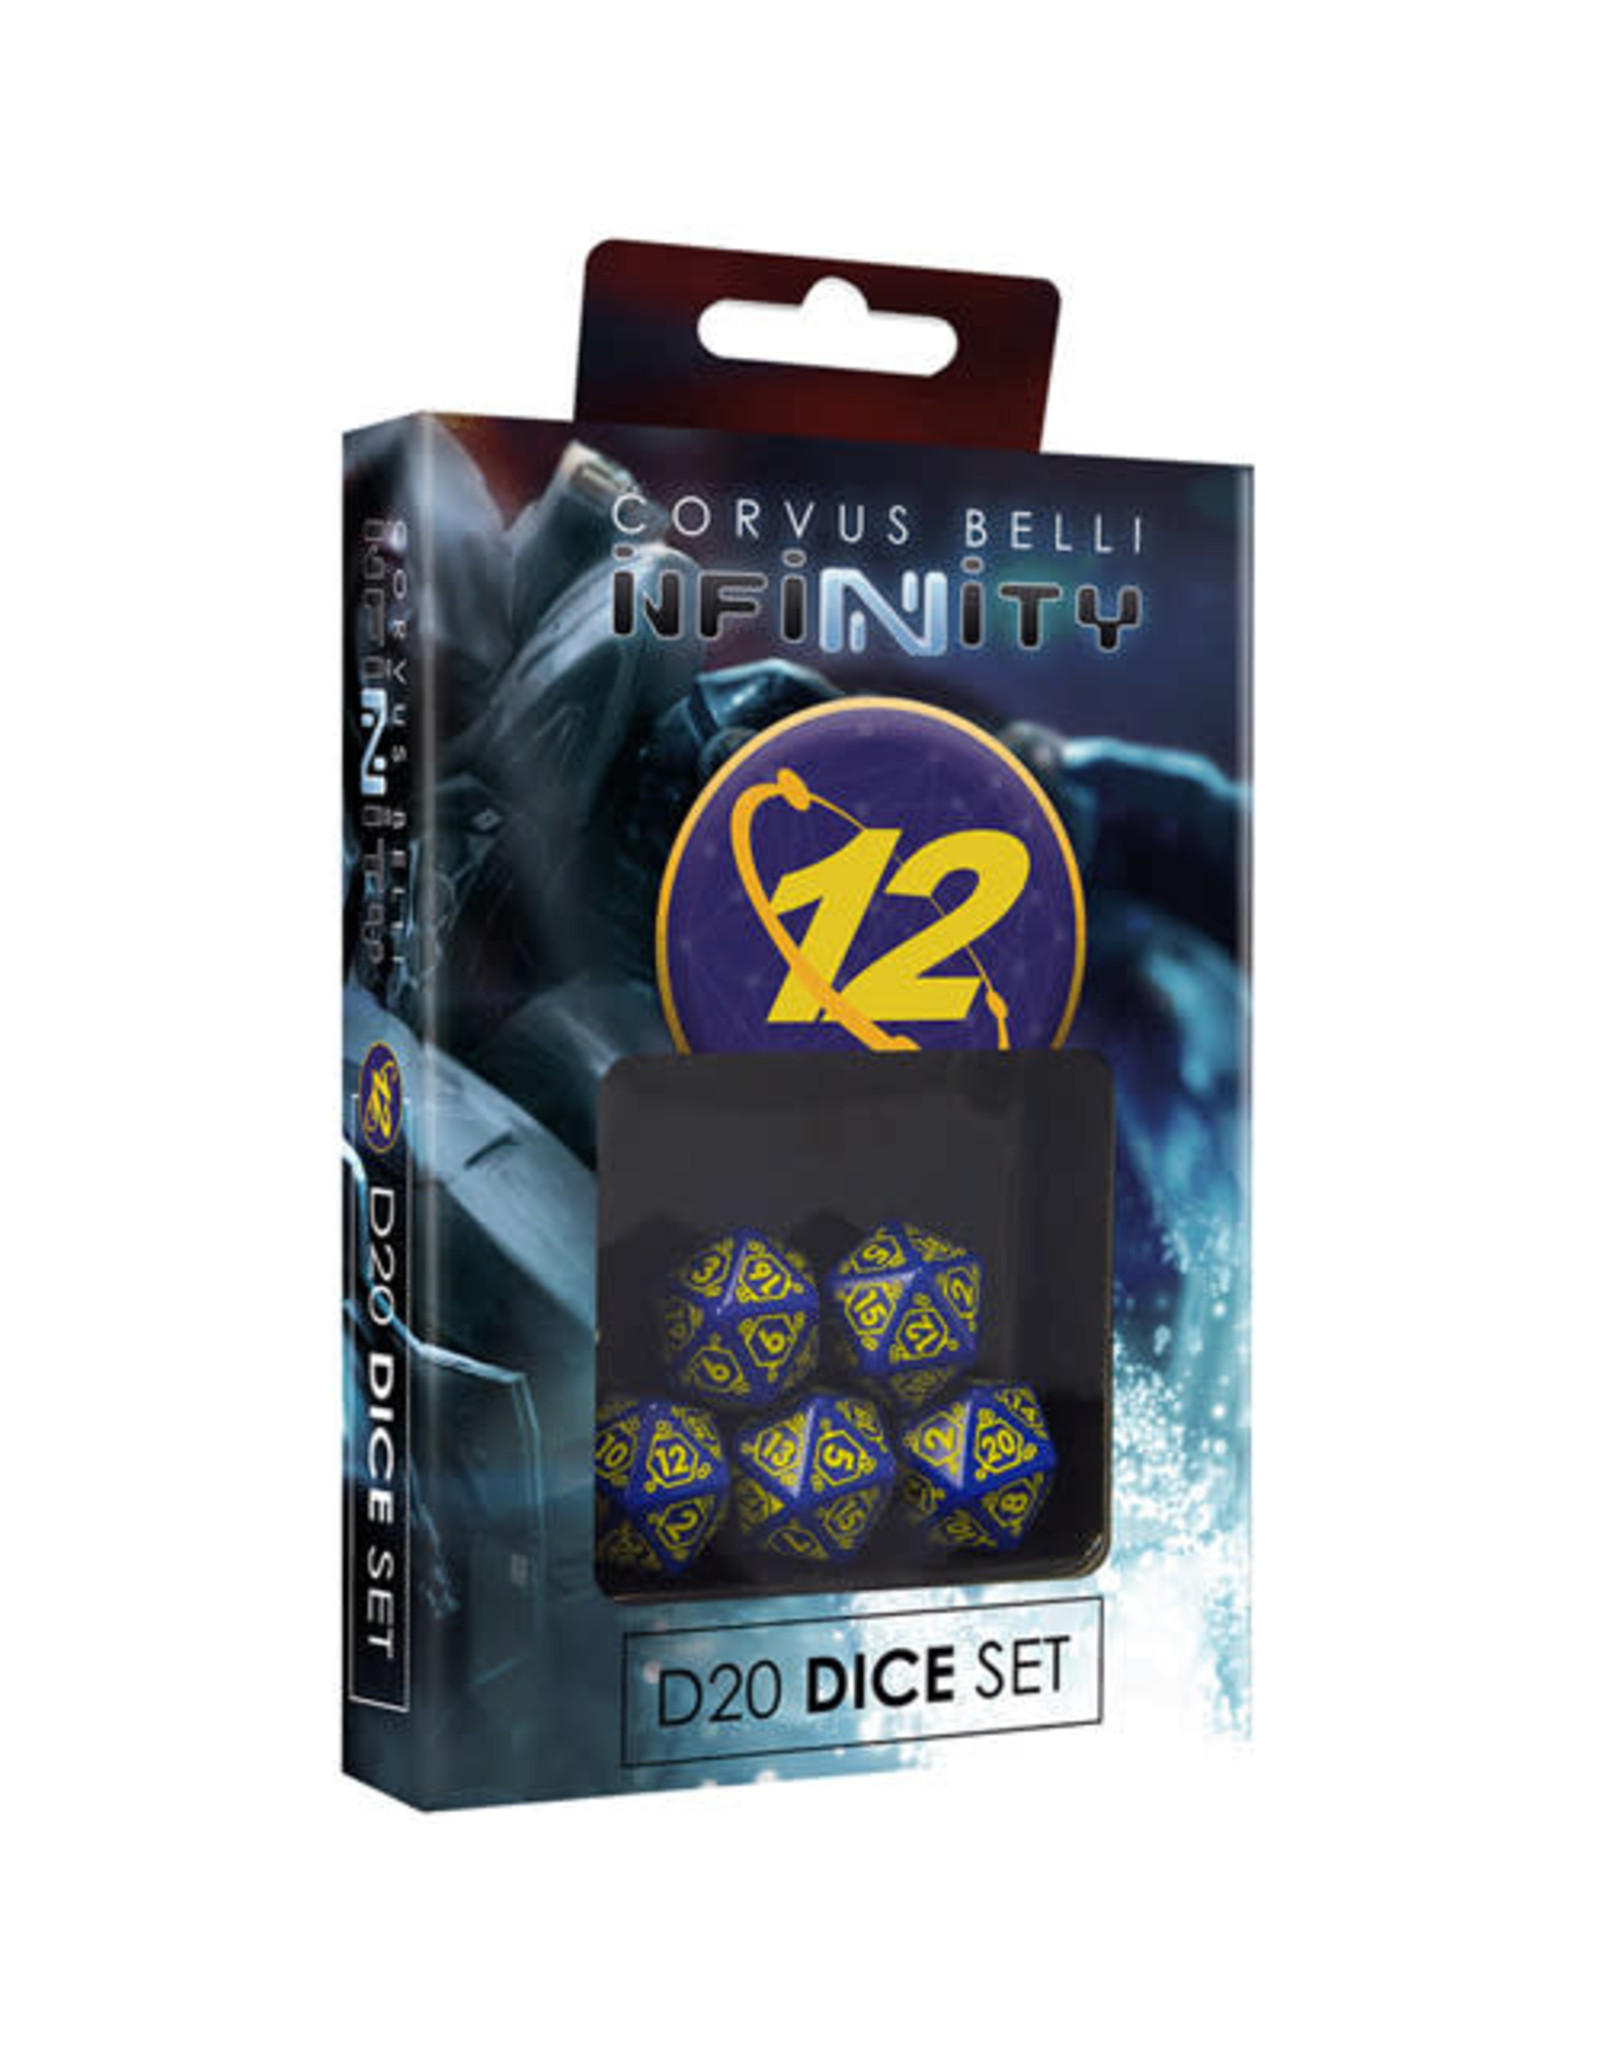 Corvus Belli Infinity: 0-12 D20 Dice Set